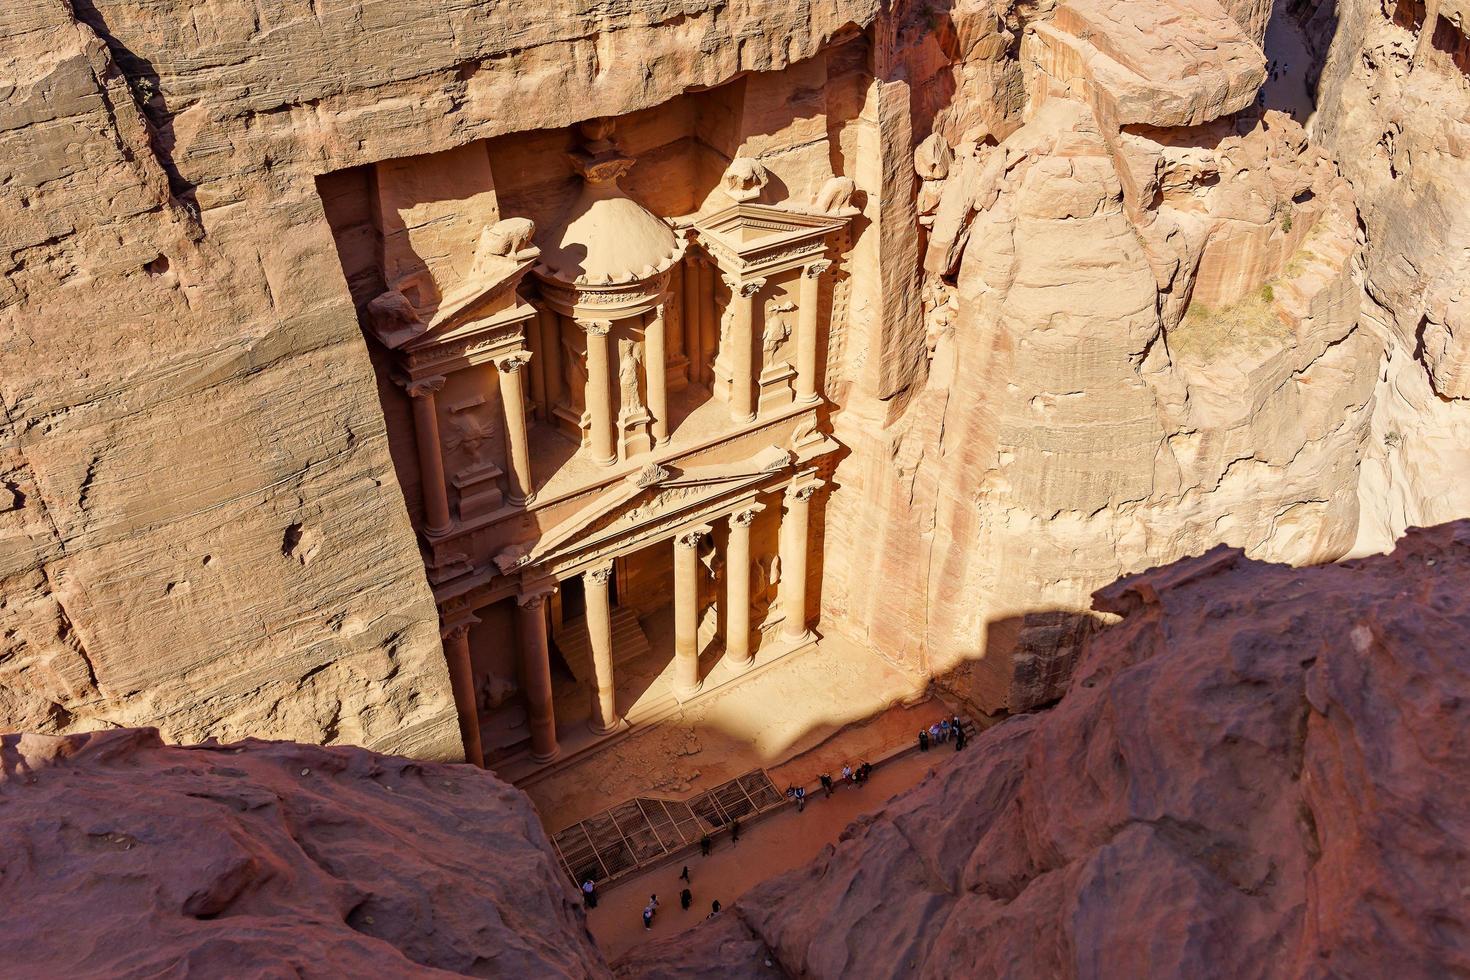 il tesoro nell'antica città del regno arabo nabateo di petra, in giordania foto